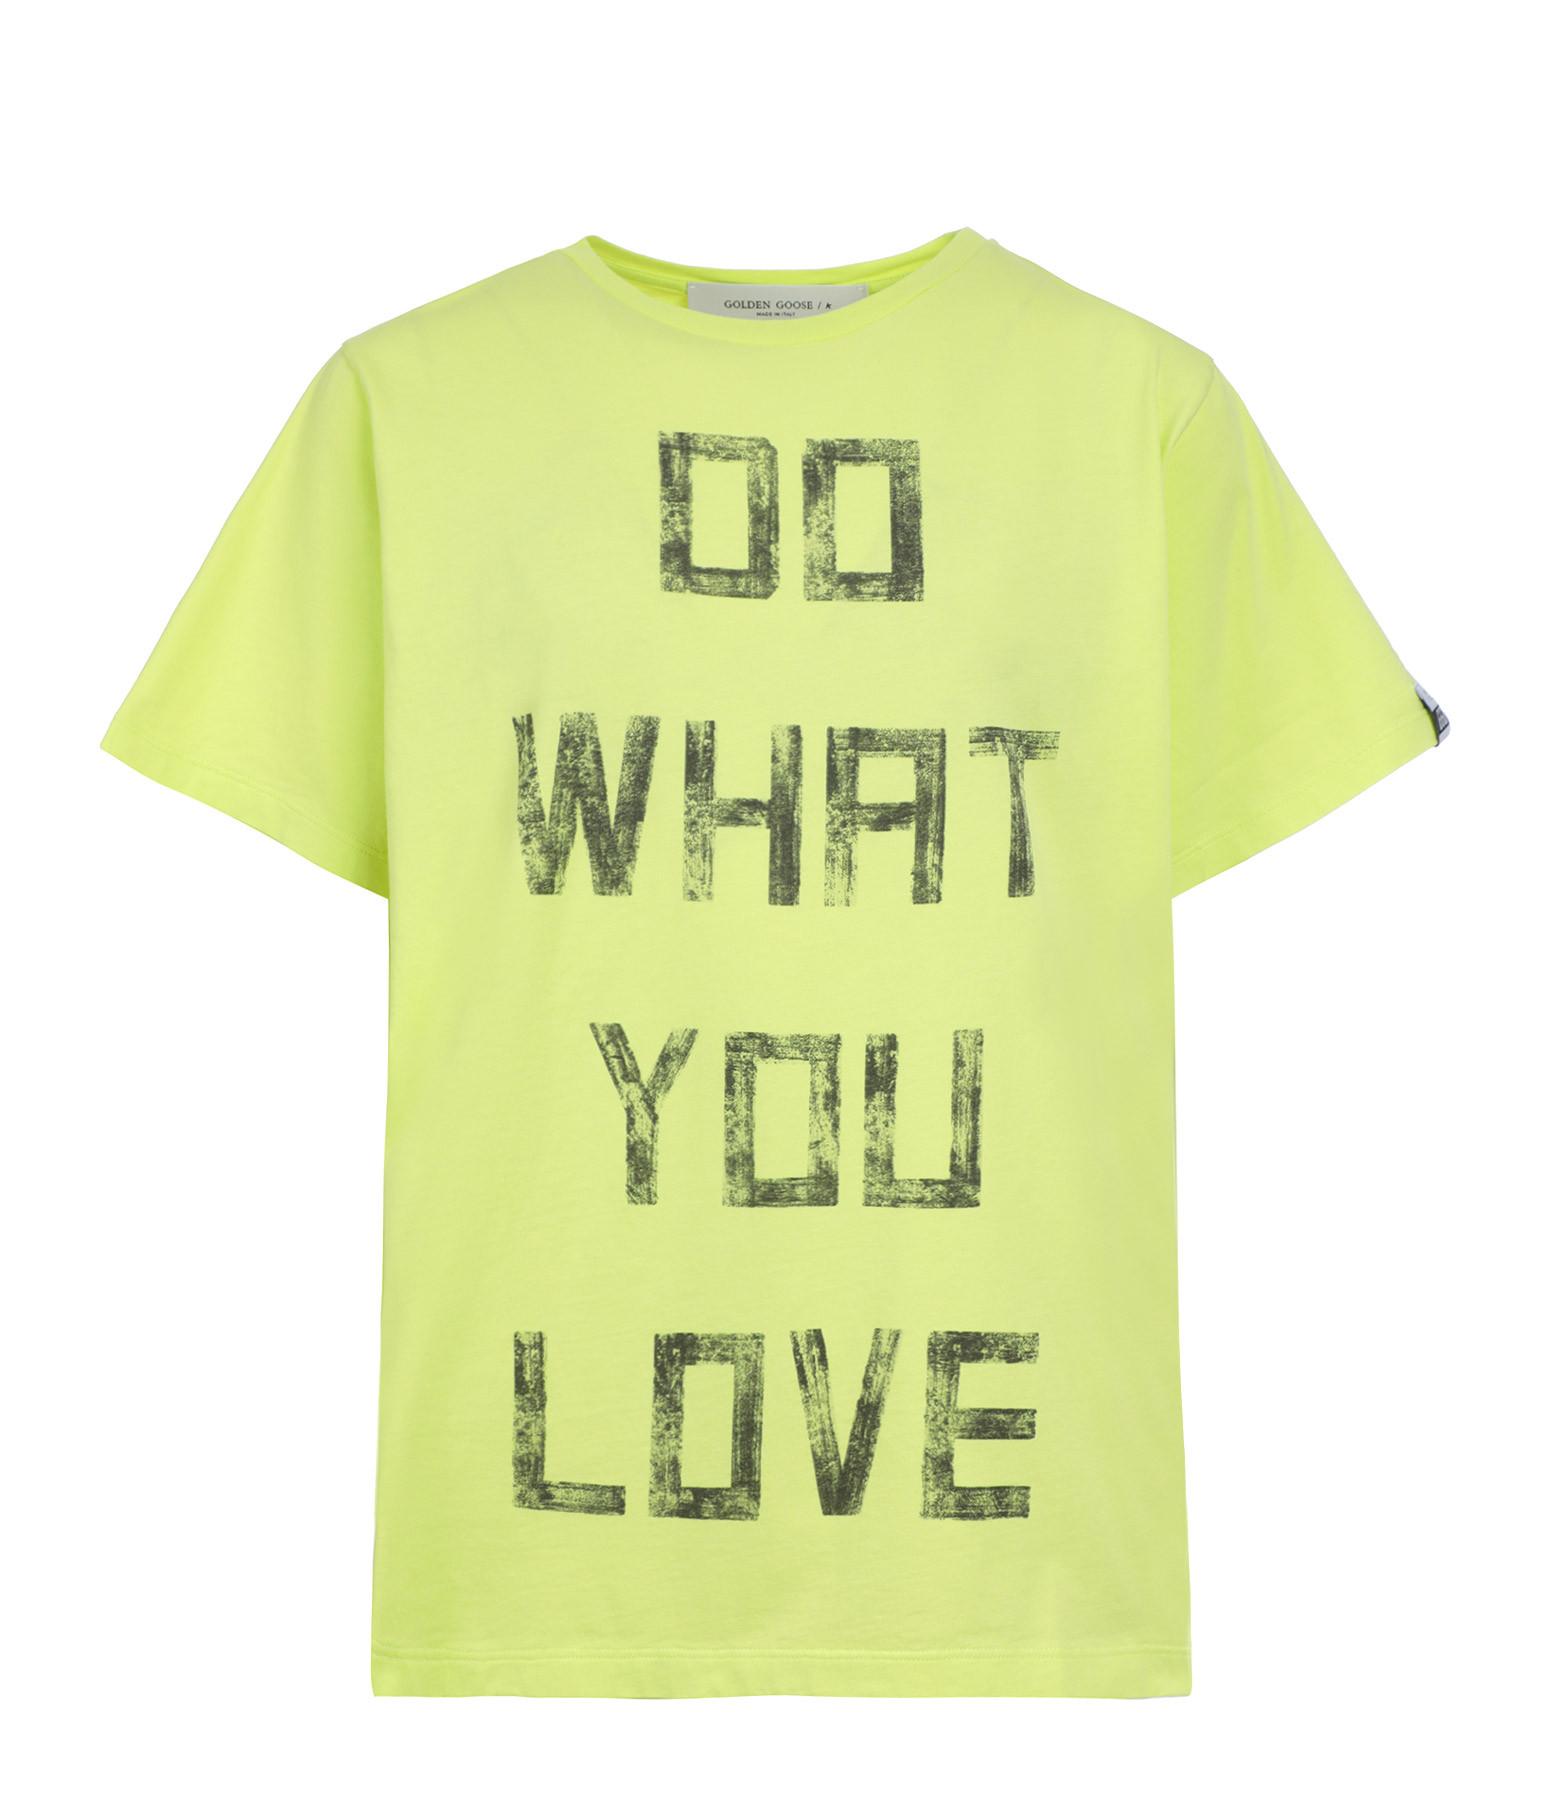 GOLDEN GOOSE - Tee-shirt Aira Do What You Love Coton Jaune